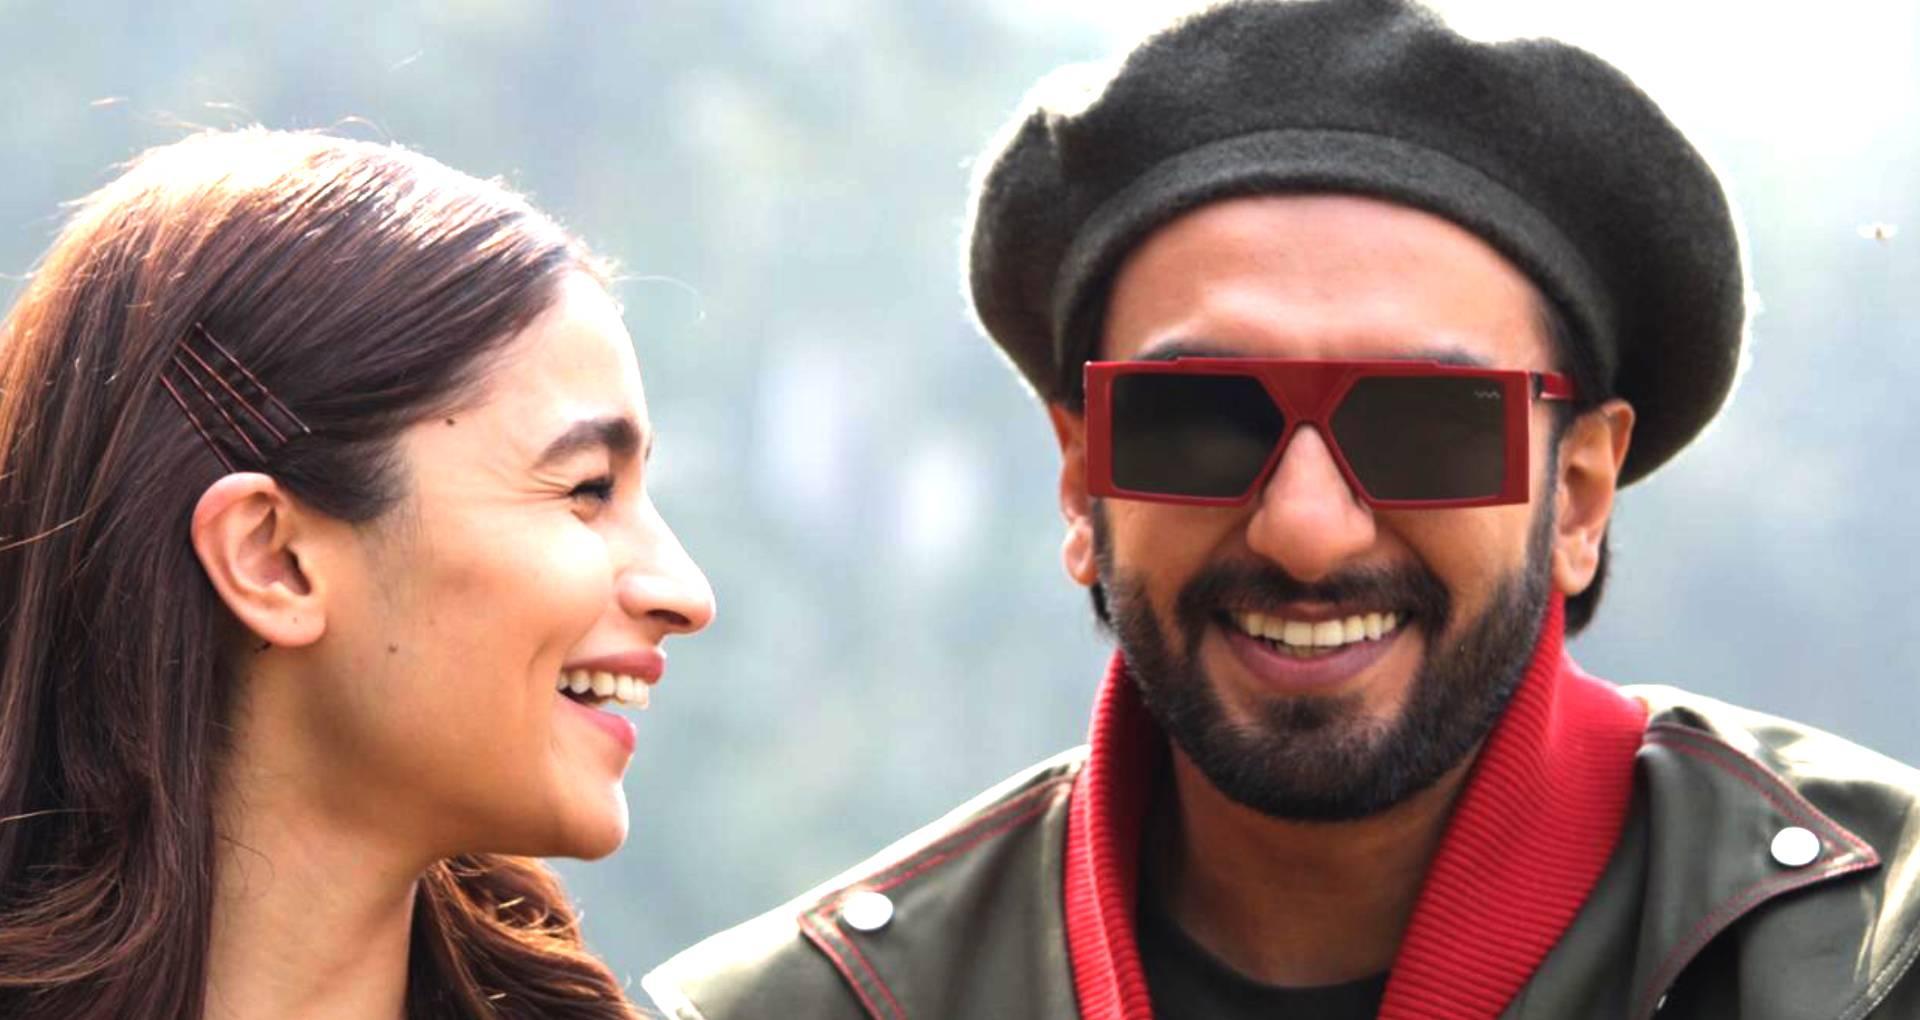 दीपिका पादुकोण शादी के बाद पहली बार इस अंदाज में मनाएंगी वेलेंटाइन डे, रणवीर सिंह हो जाएंगे हैरान!